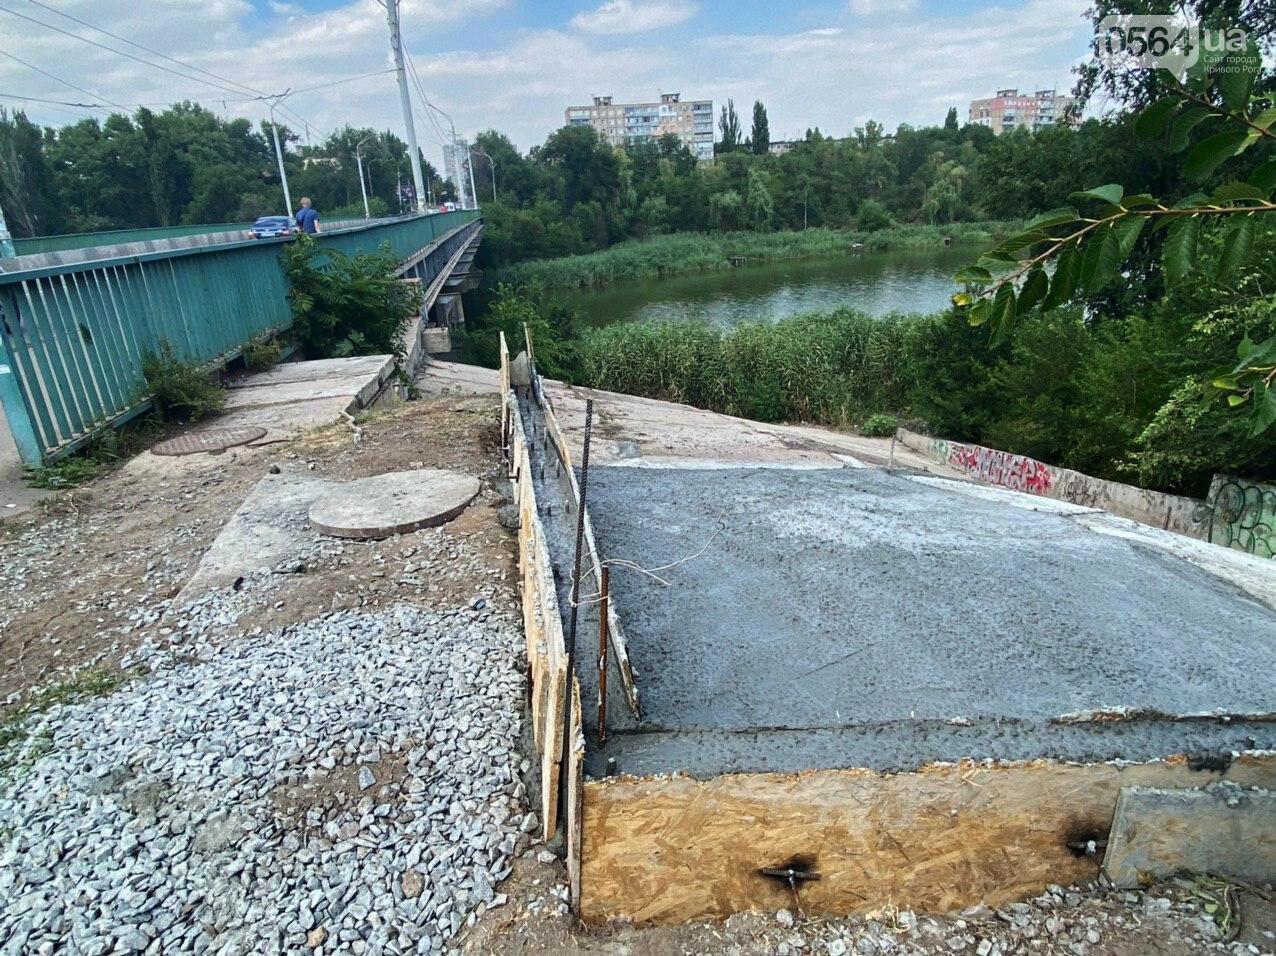 В Кривом Роге опять ремонтируют мост, где 5 лет назад произошло ЧП, - ФОТО , фото-16